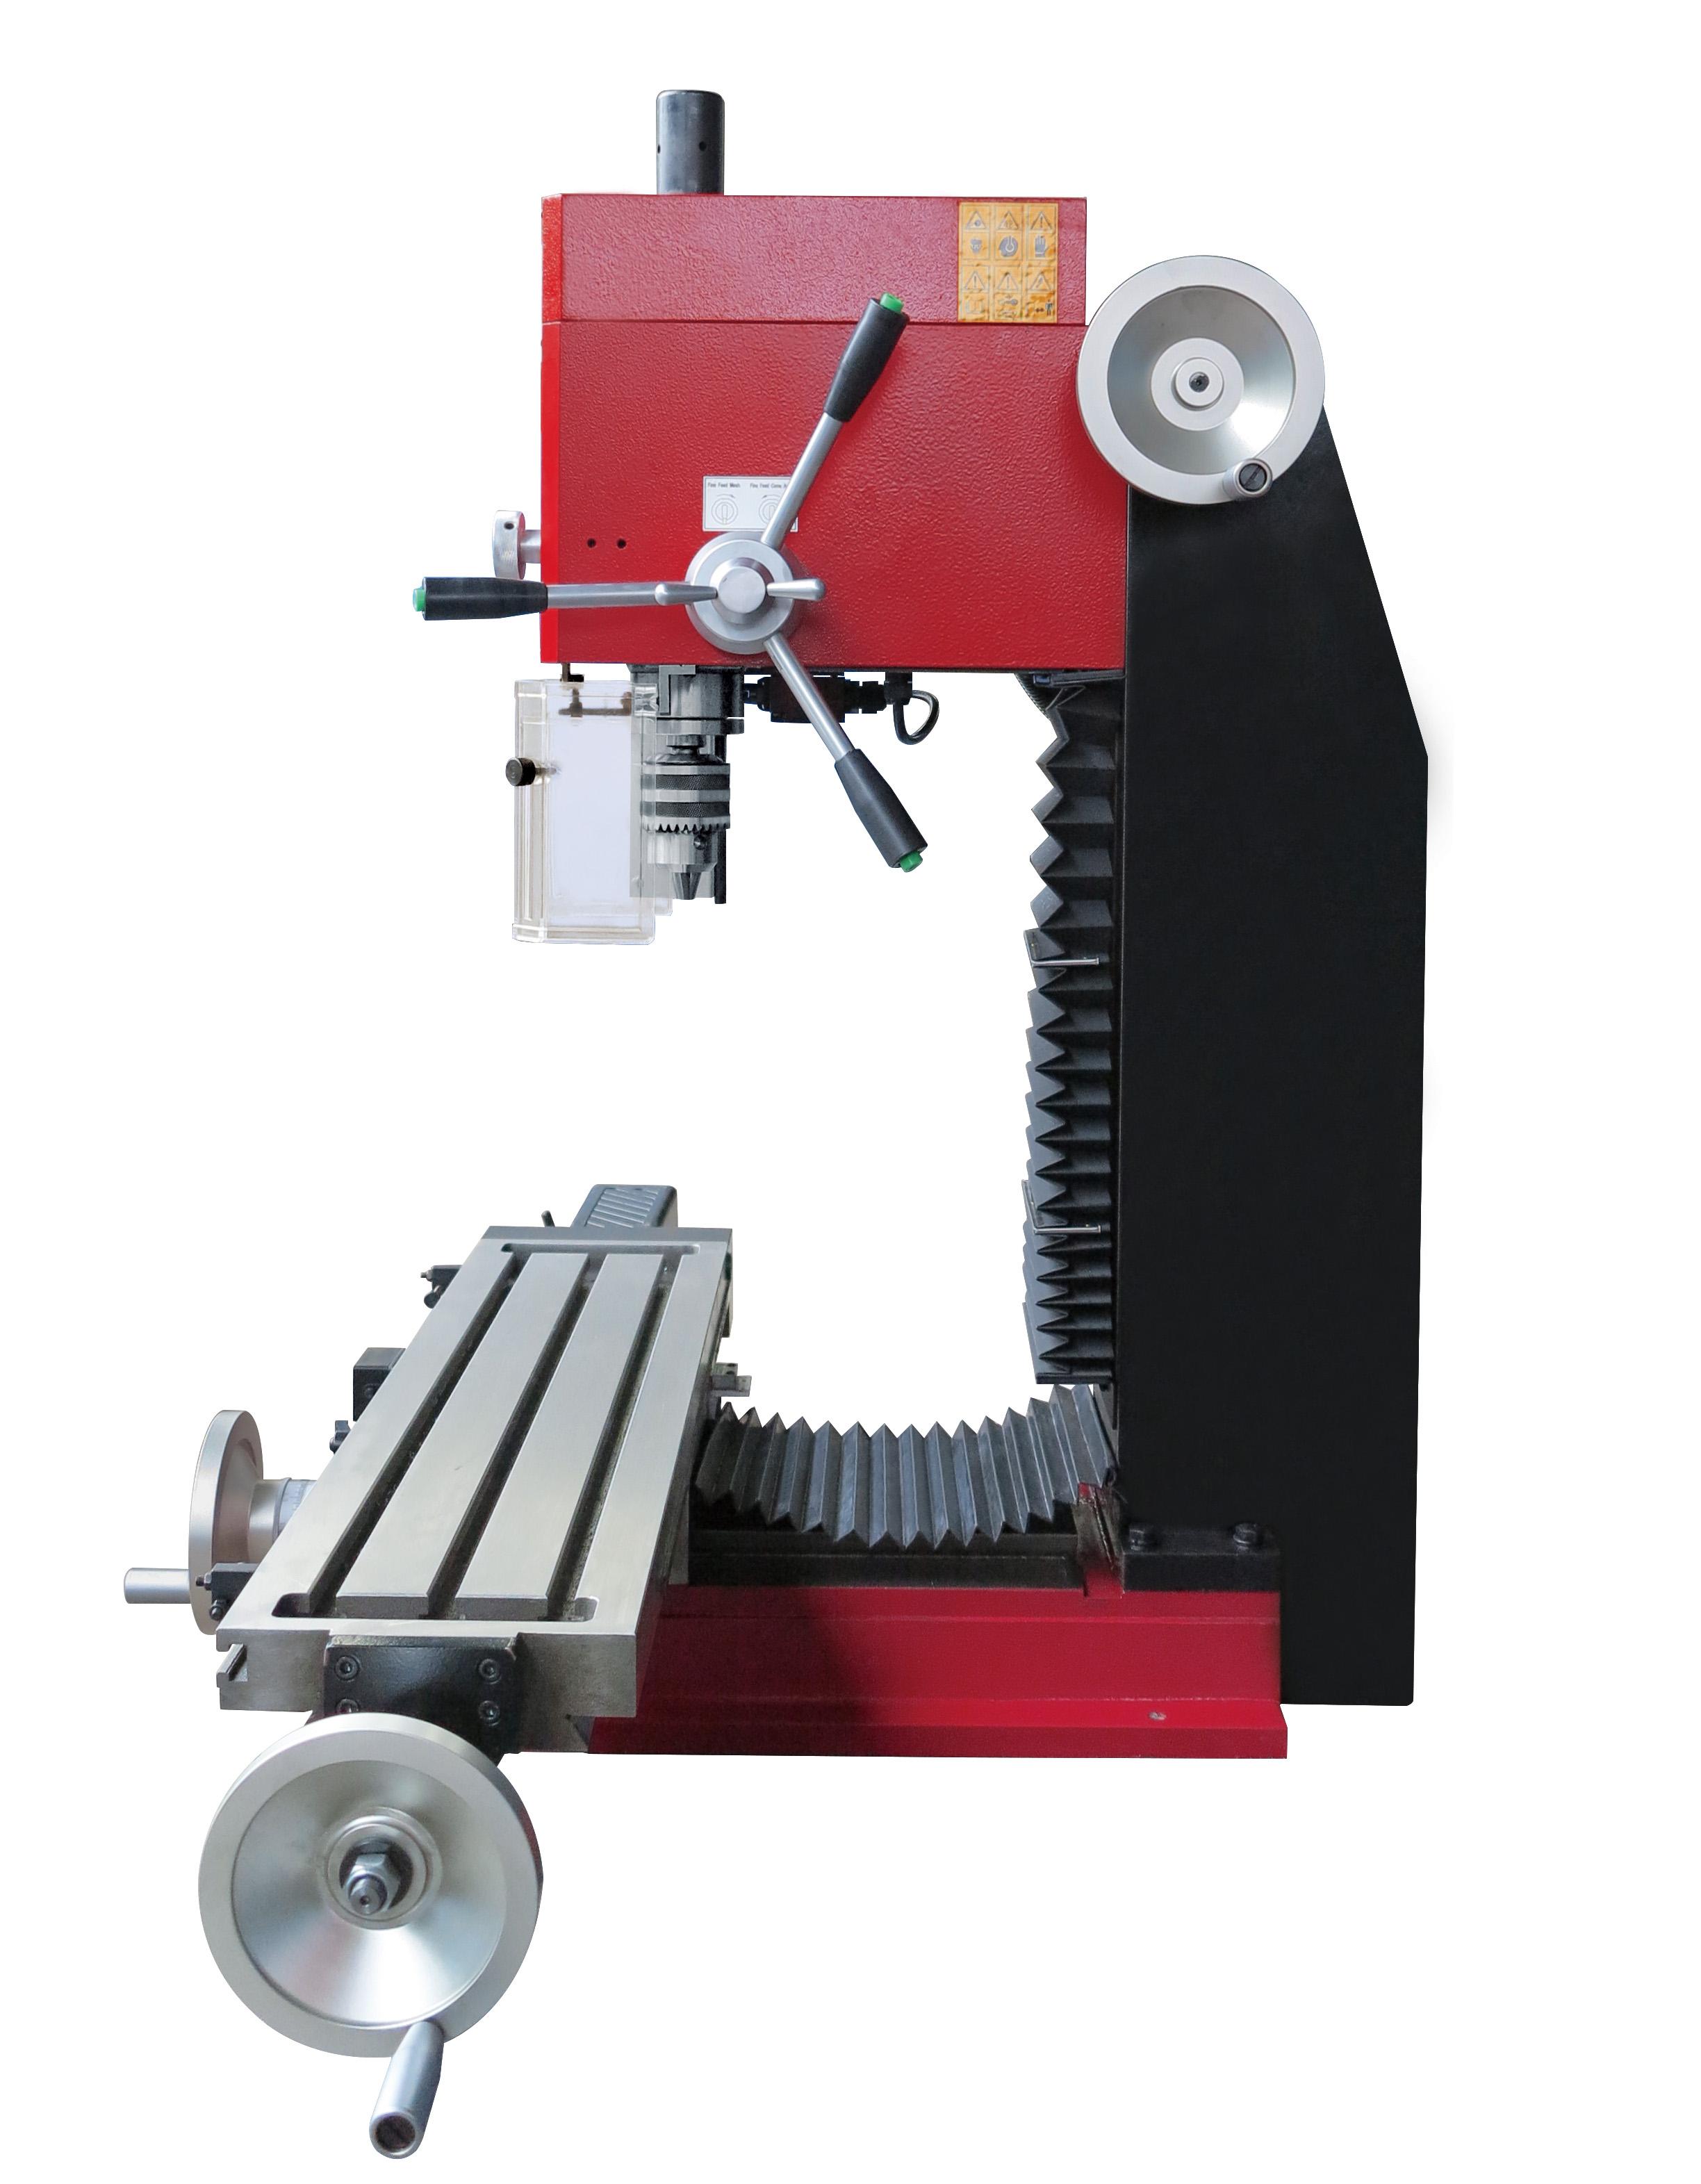 SX3.5 Tischfräsmaschine